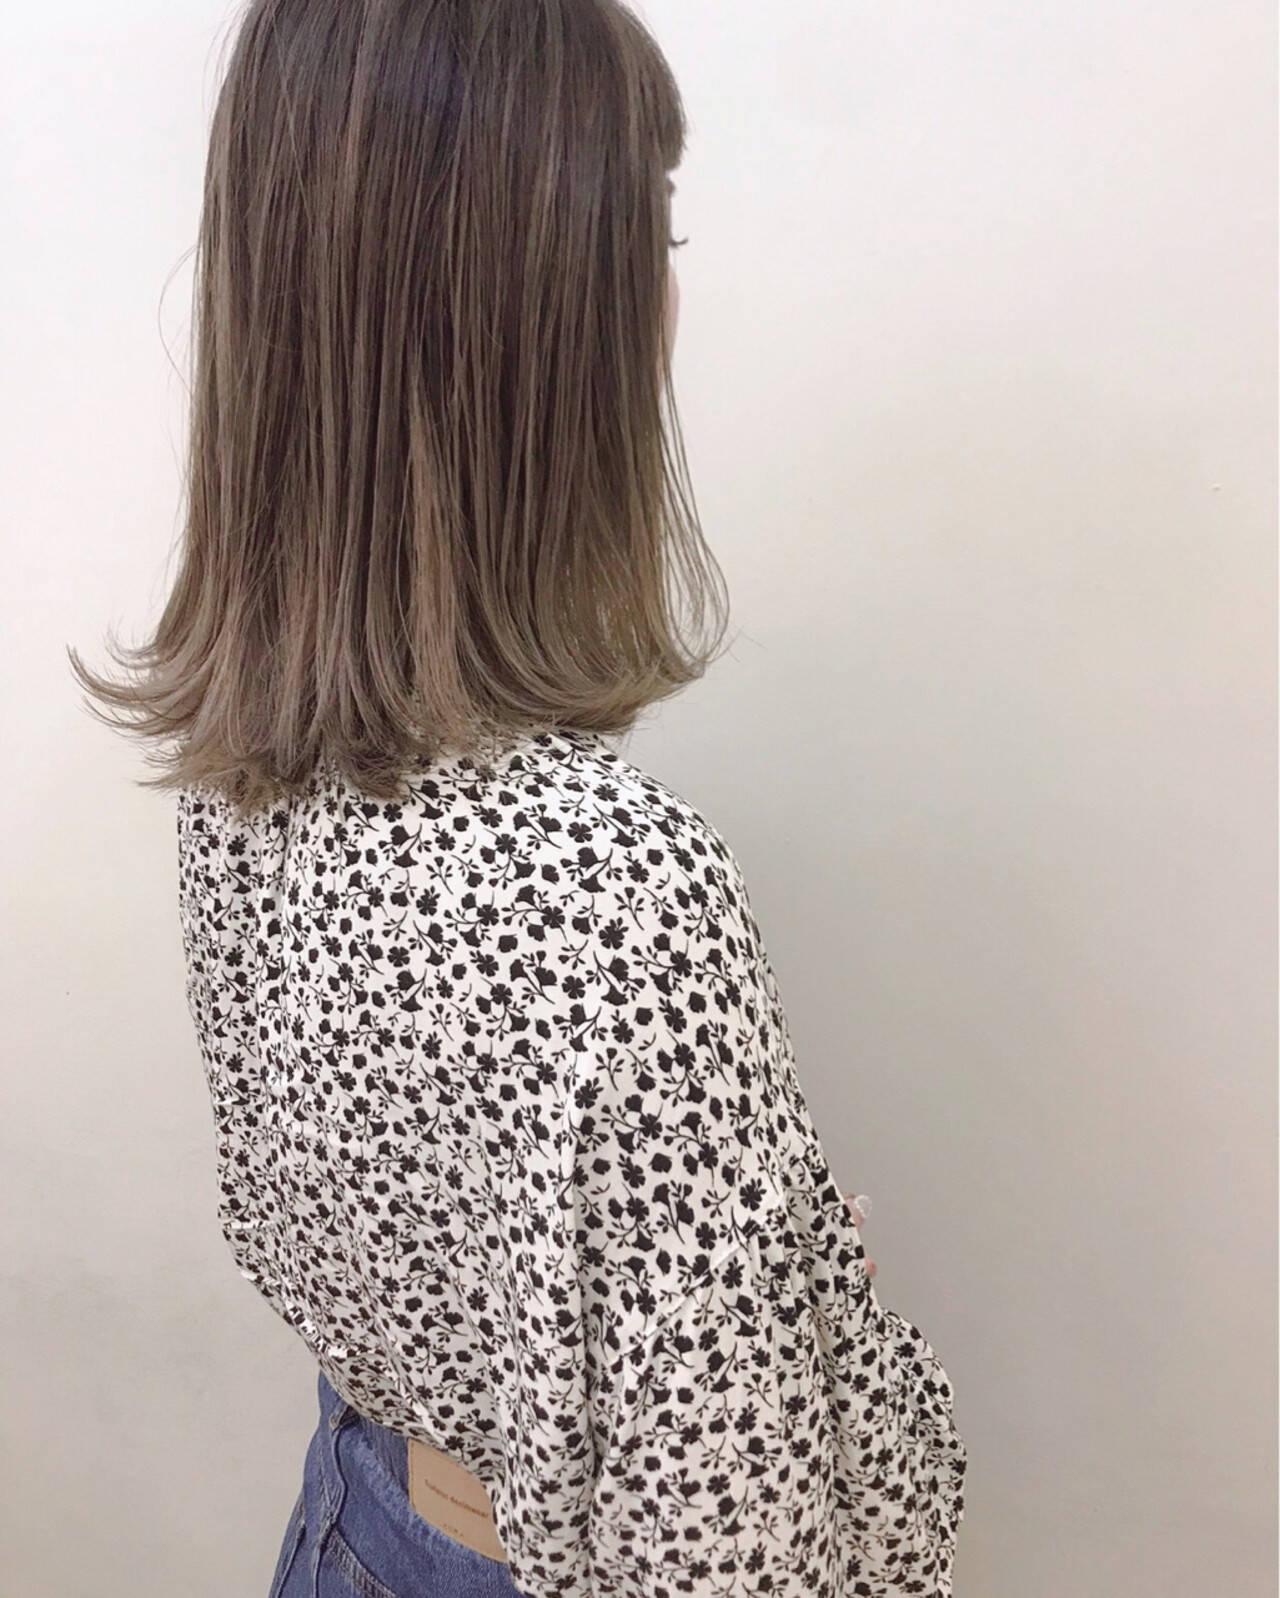 ブリーチ ハイライト ナチュラル 大人かわいいヘアスタイルや髪型の写真・画像